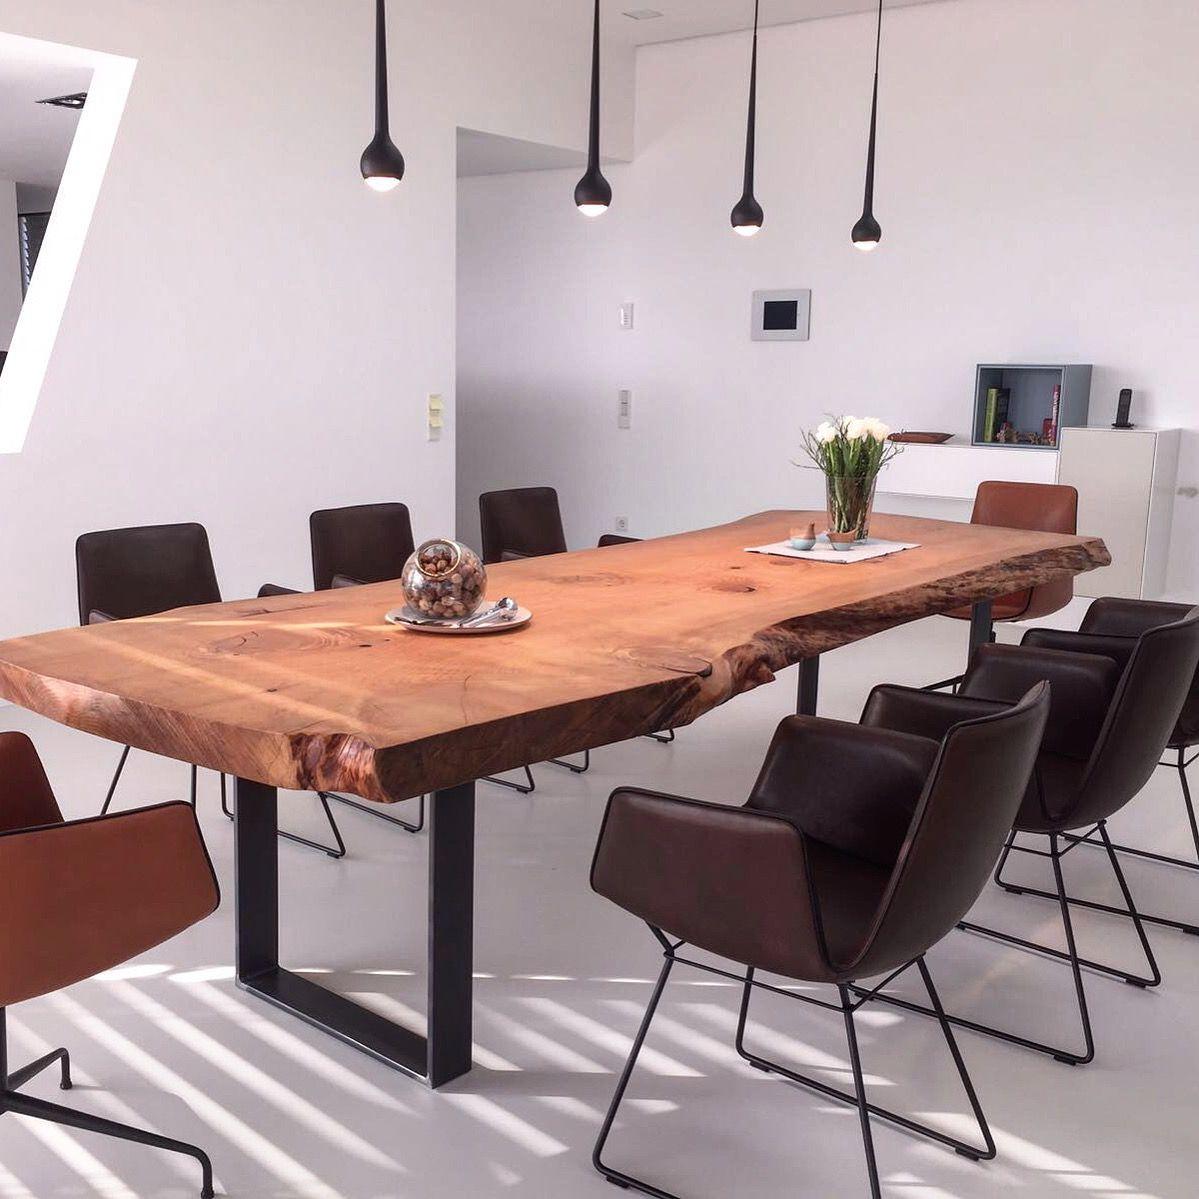 Tisch Esstisch Massivholztisch Baumtisch unverleimt aus